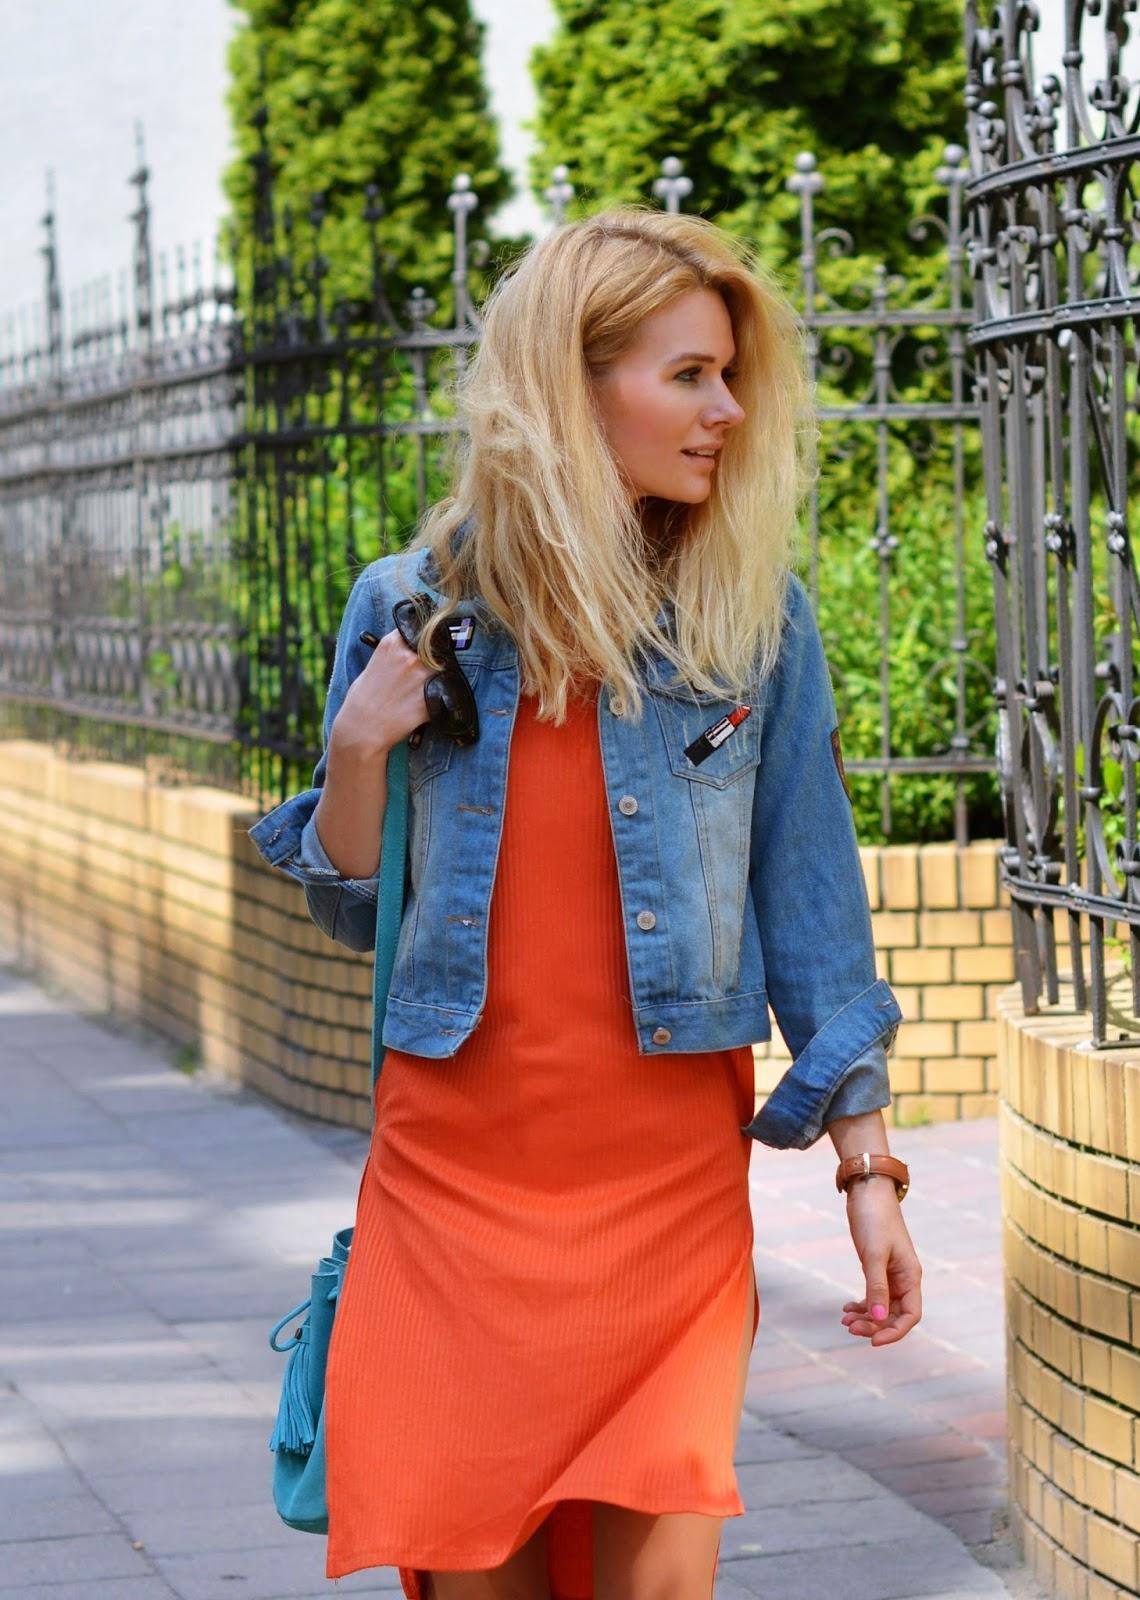 pomarańczowy kolor, wiosna, jasna wiosna, analiza kolorystyczna, złoty blond, pomarańczowa sukienka midi